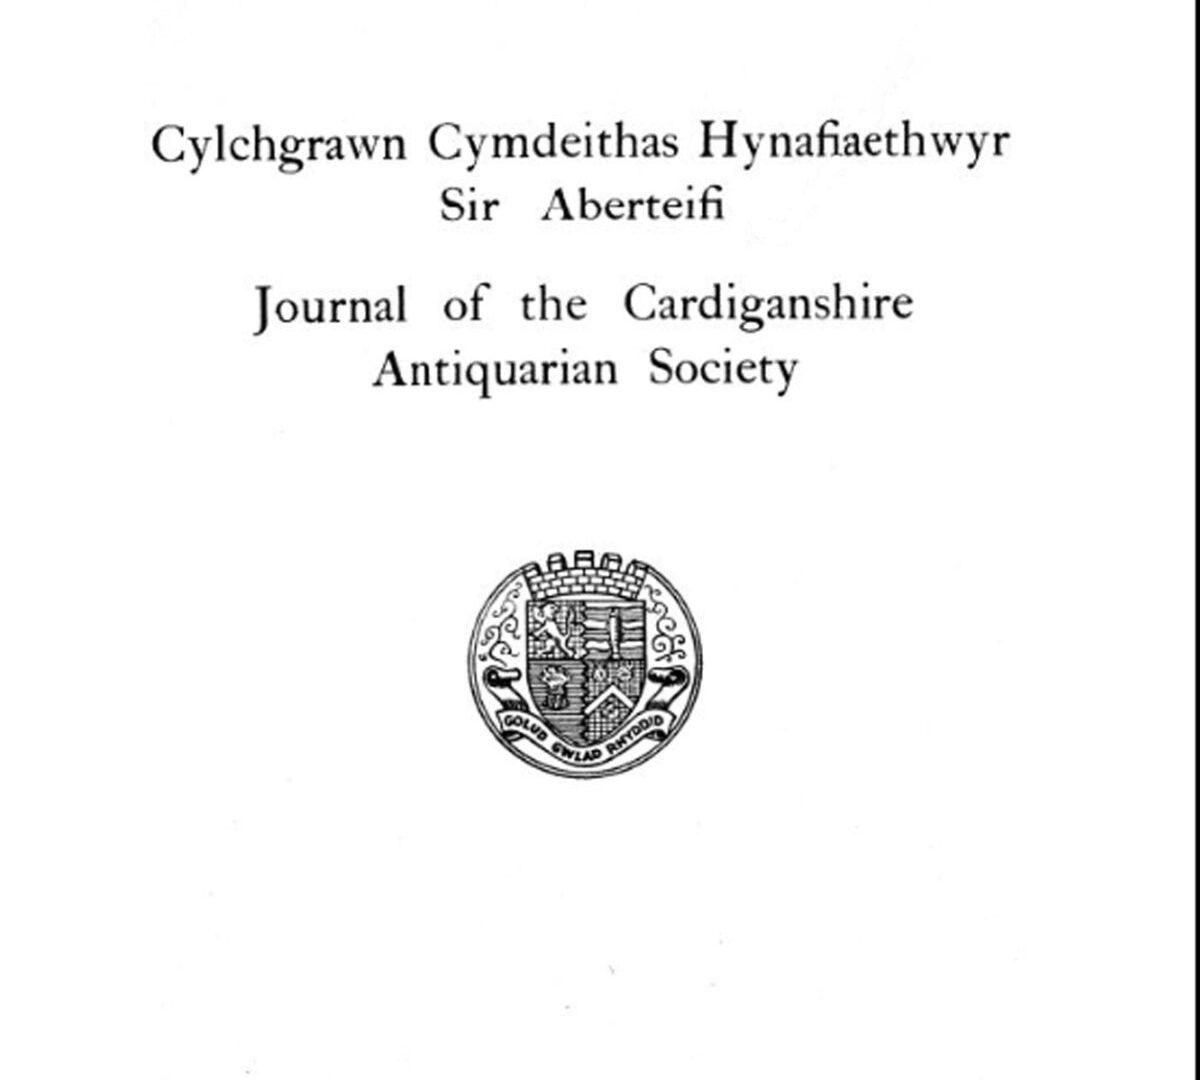 CEREDIGION HISTORICAL SOCIETY